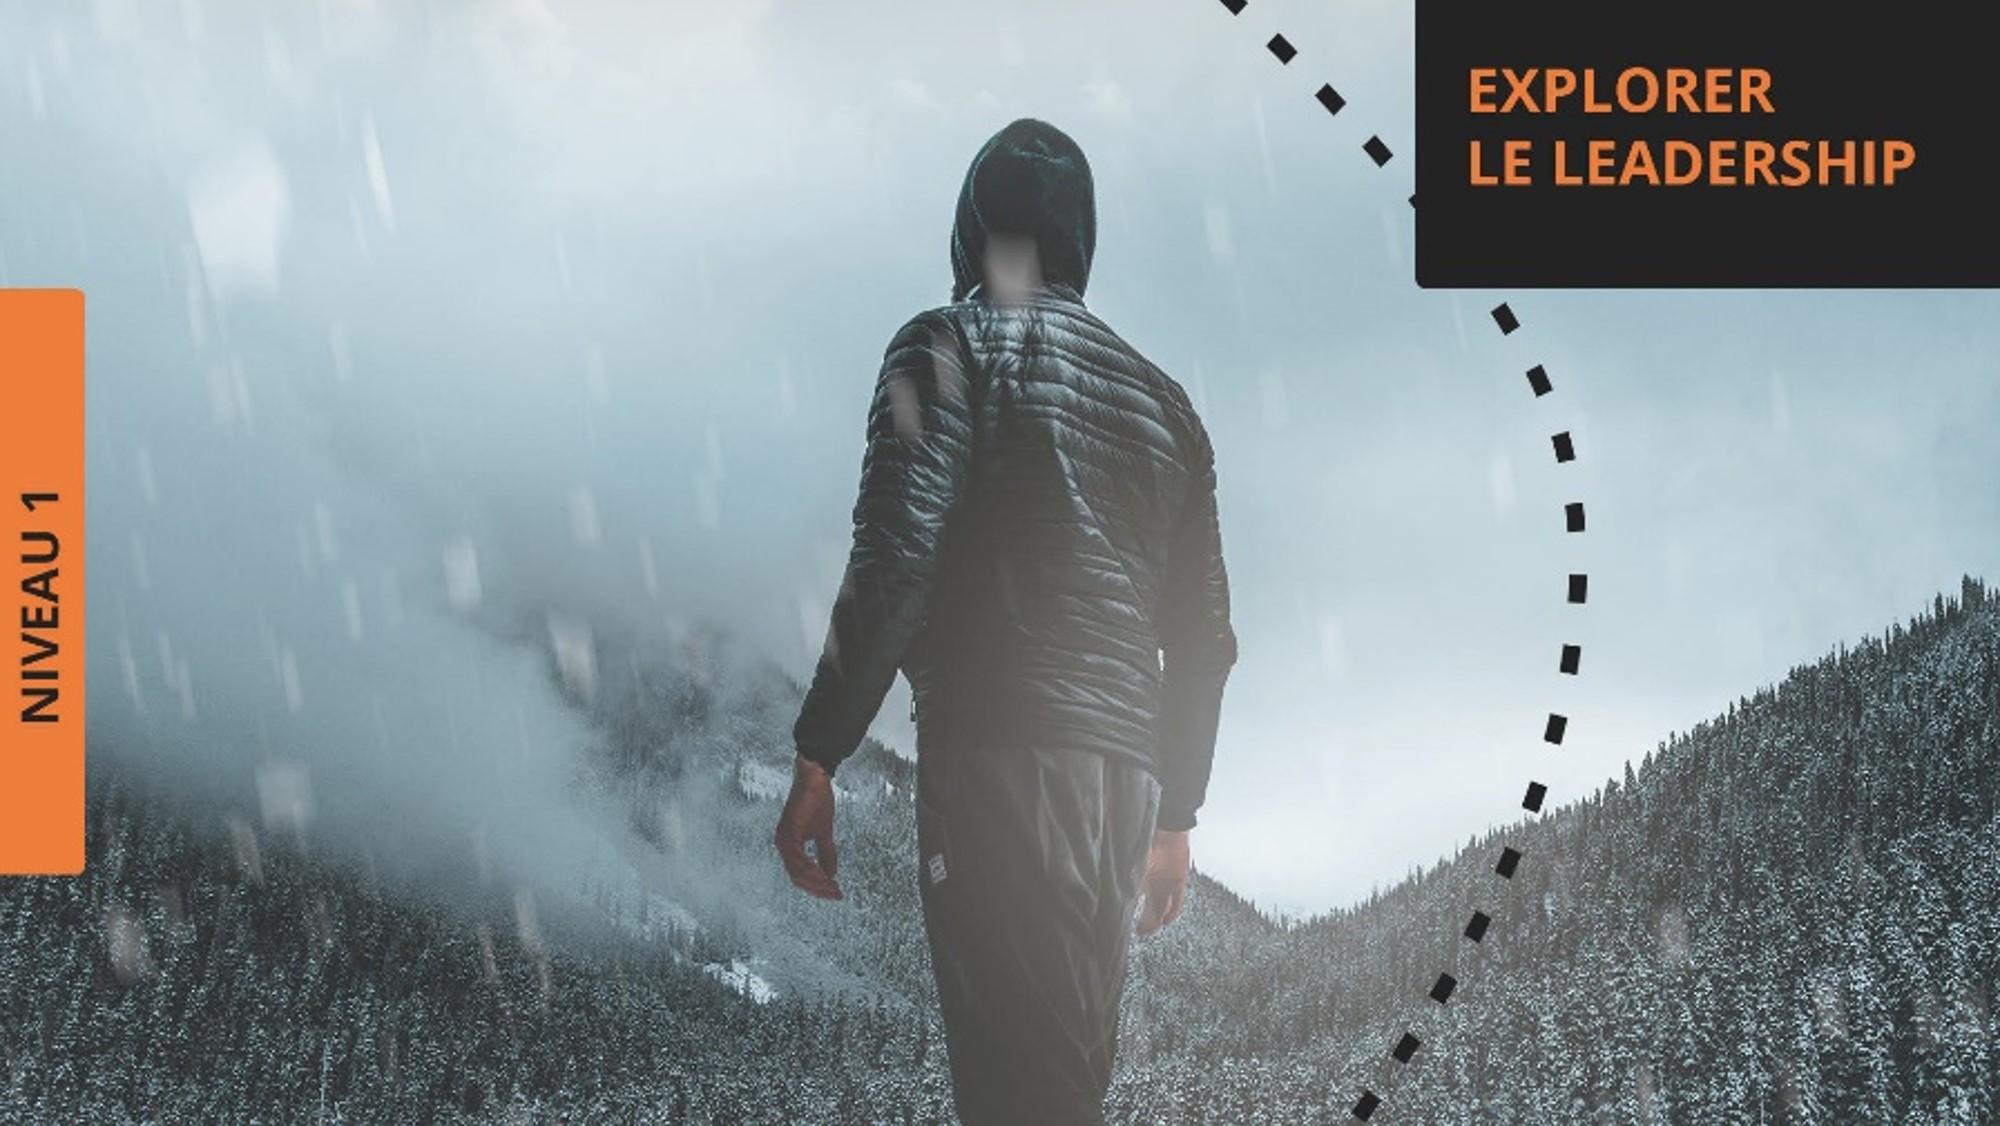 Explorer le leadership, la clé pour le service